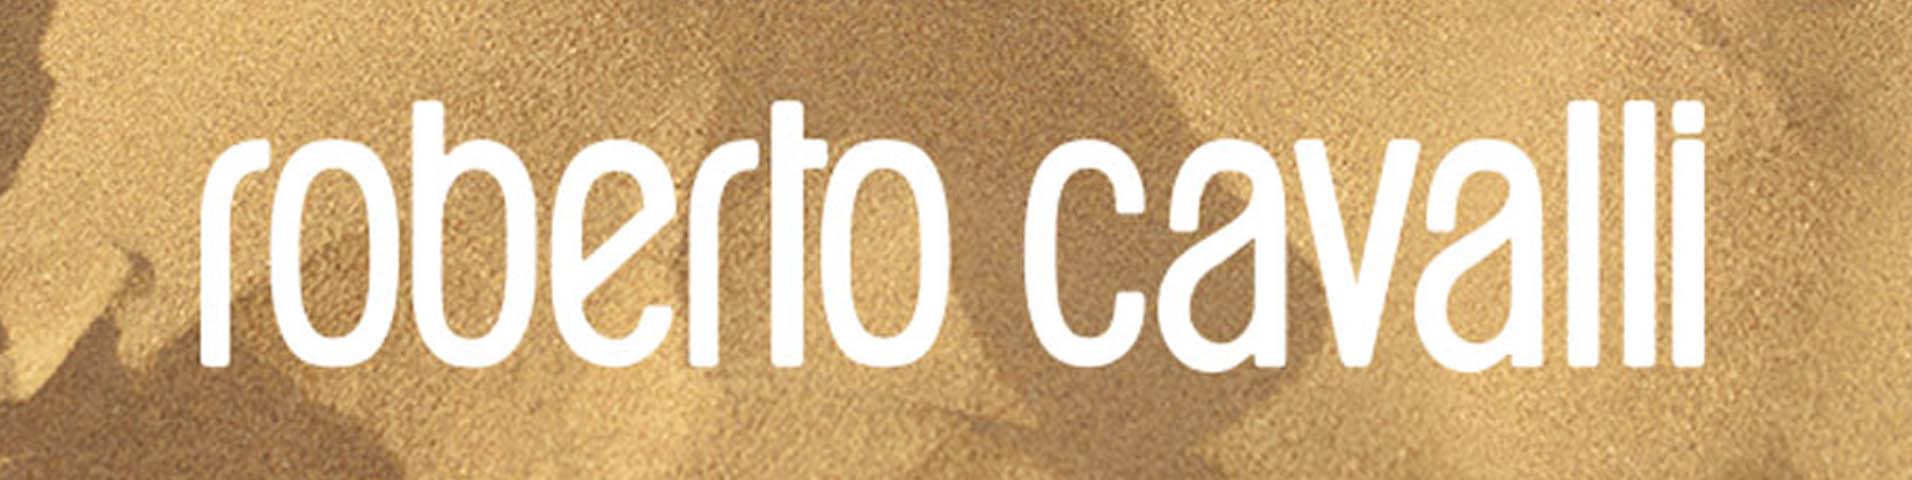 Katalog von Roberto Cavalli · DamenHerren. filtern. Größe. Marke. Preis d76d0d50b8